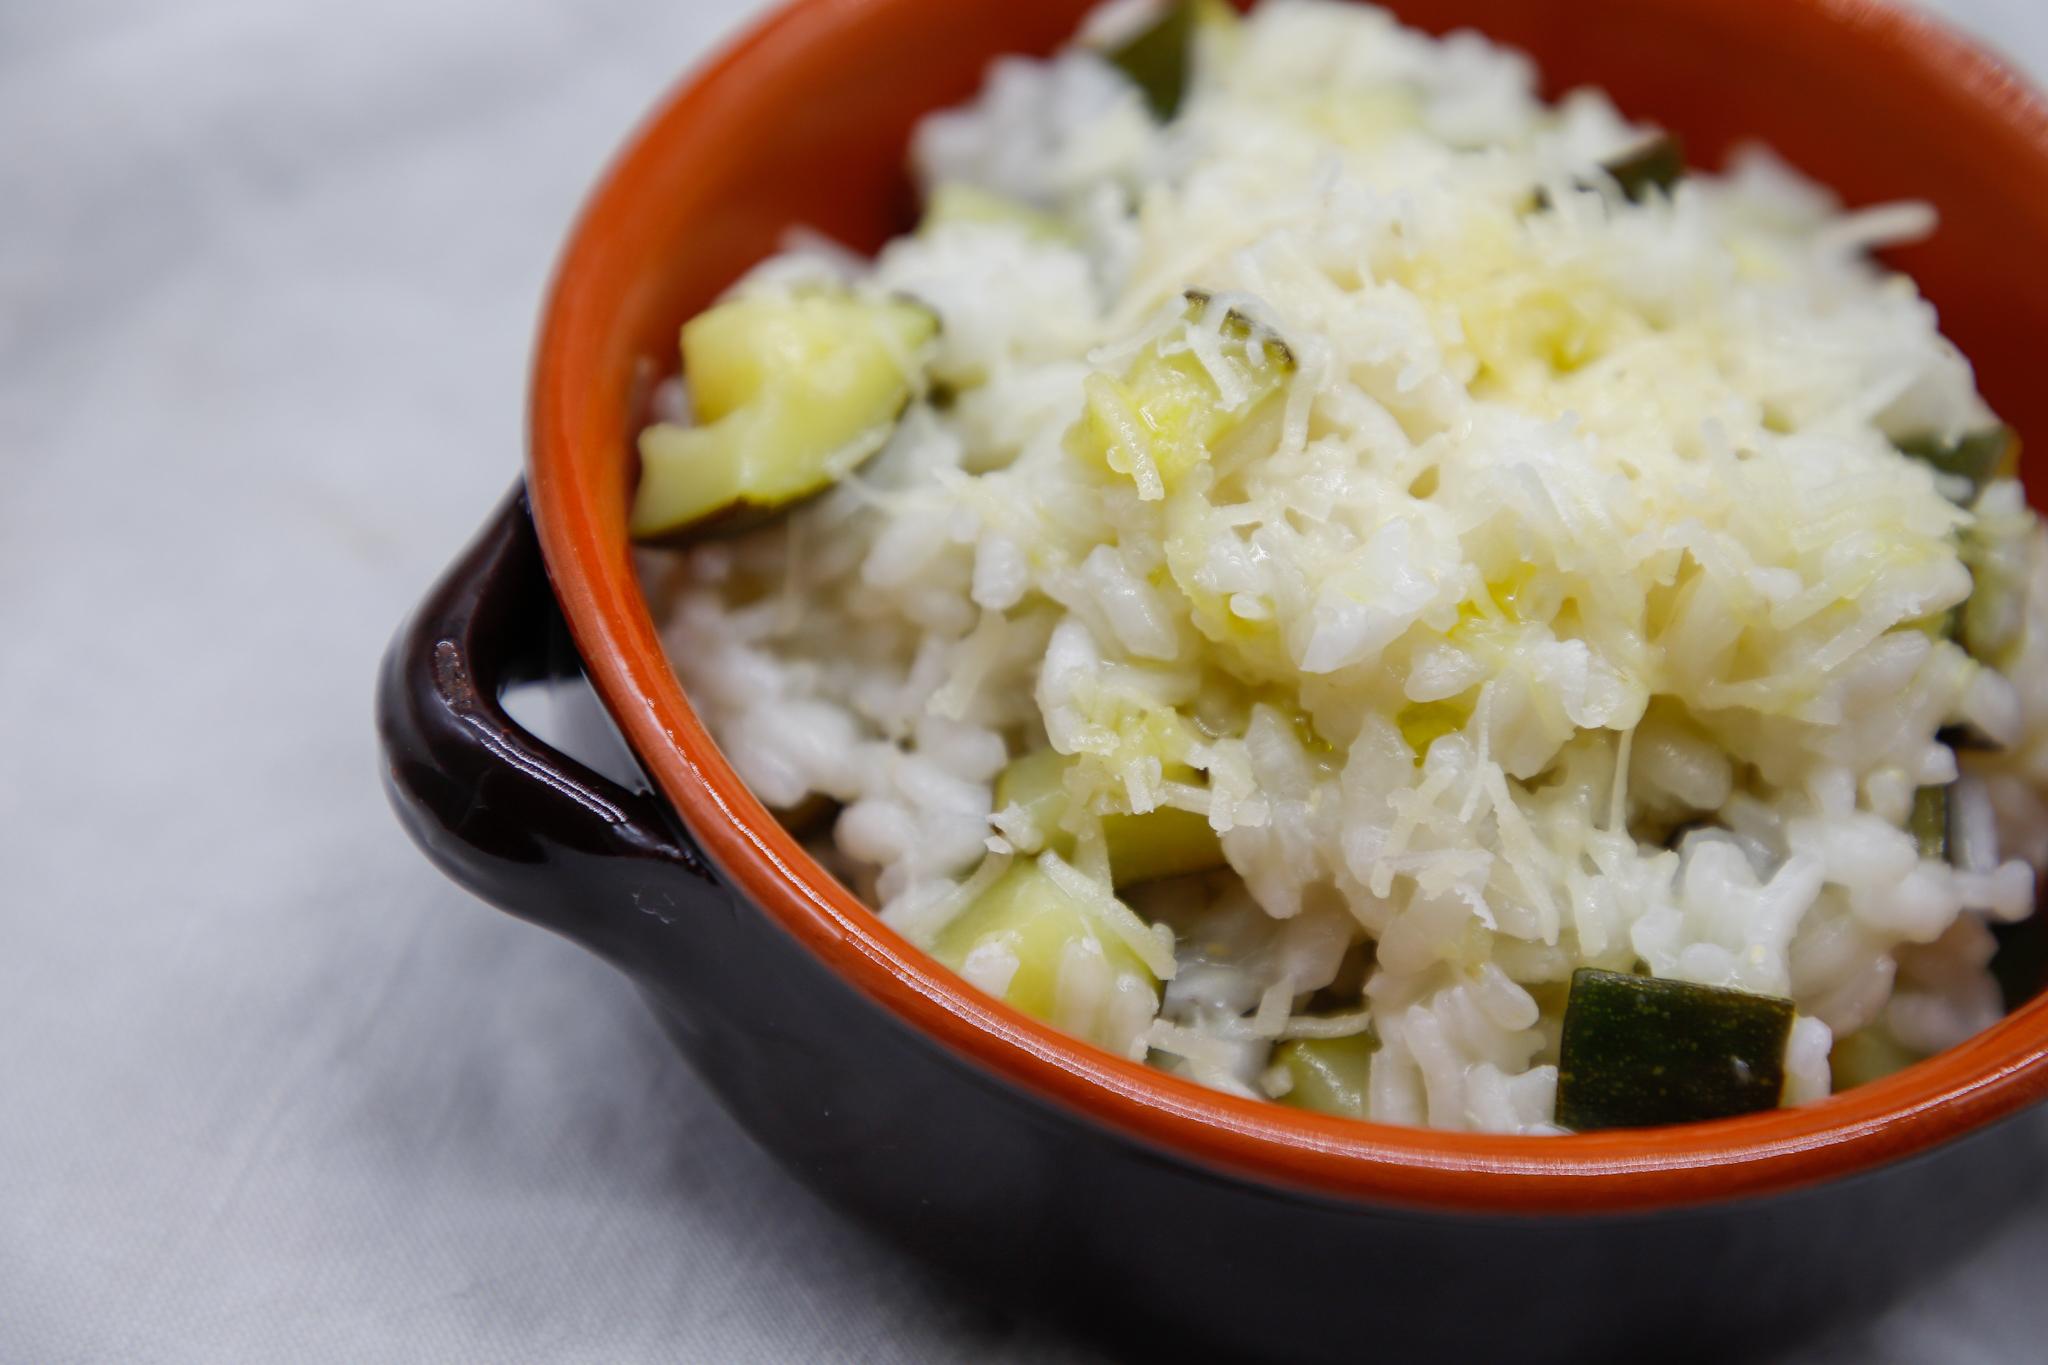 risotto, risotto alle zucchine, riso, riso fatto in casa, riso senza burro